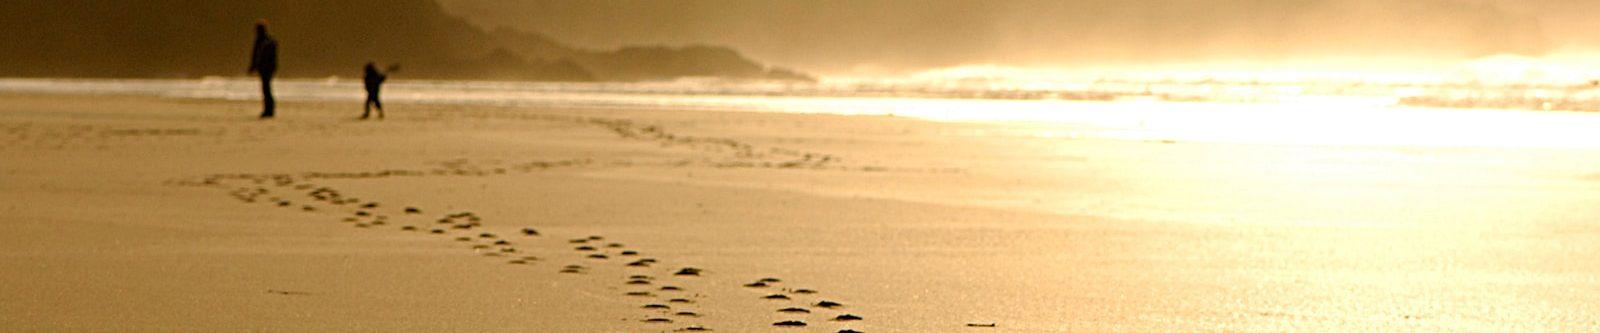 footprints at Watergate Bay